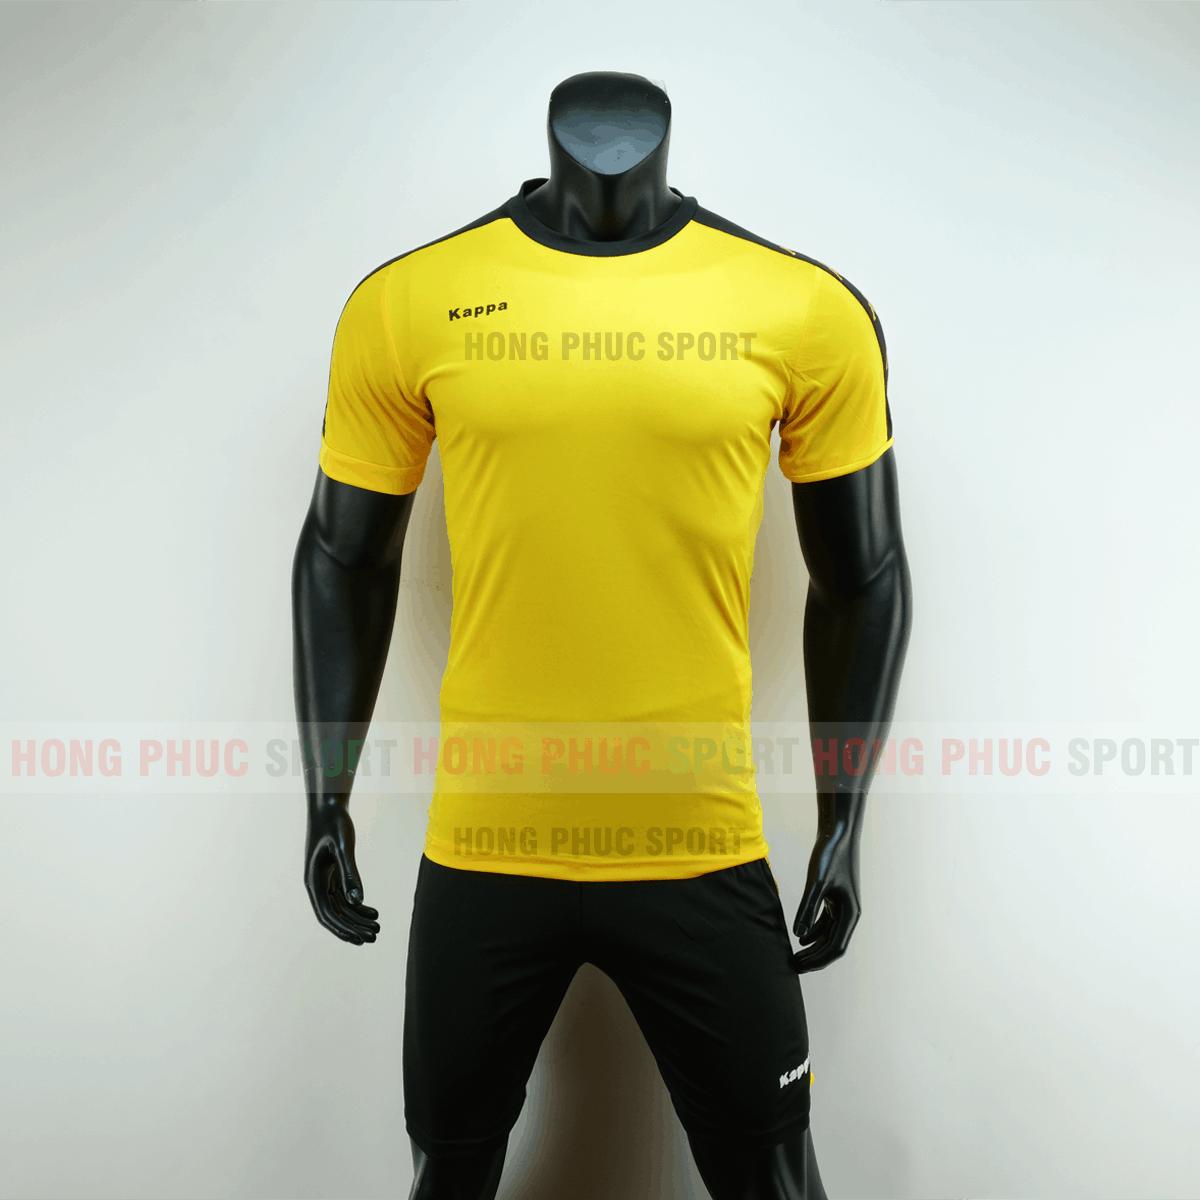 https://cdn.hongphucsport.com/unsafe/cdn.hongphucsport.com/dothethao.net.vn/wp-content/uploads/2019/08/ao-da-bong-kappa-mau-vang-khong-logo-2019-2020-1.png